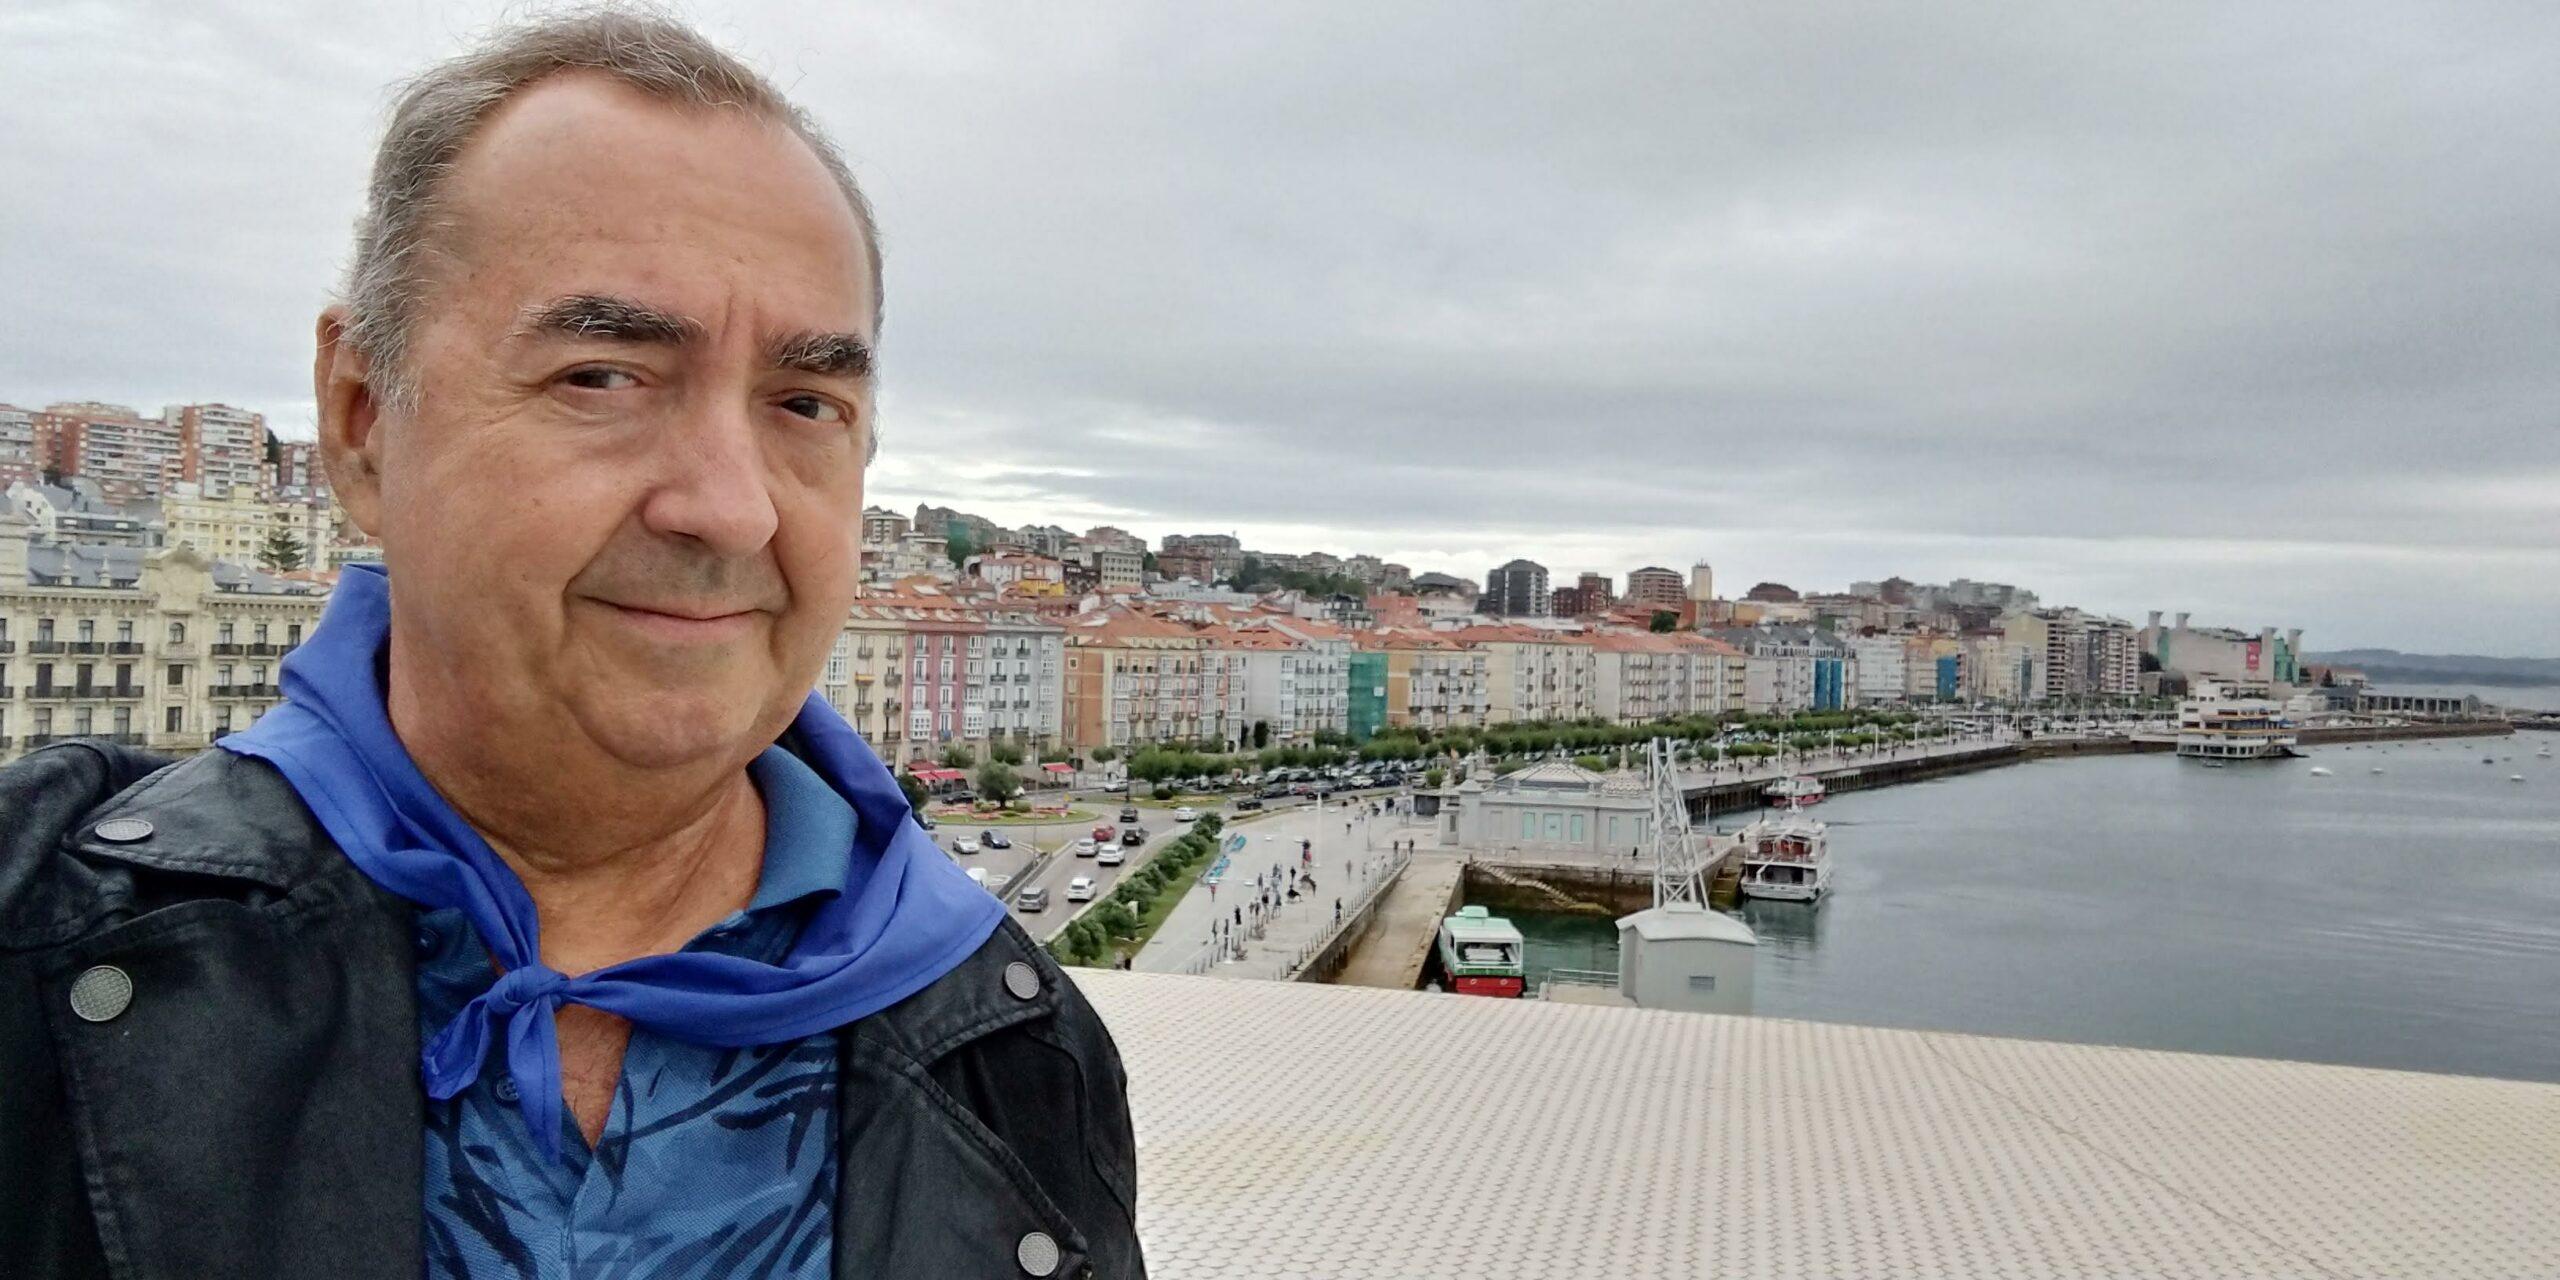 Qué ver y hacer en la ciudad de Santander en 4 días